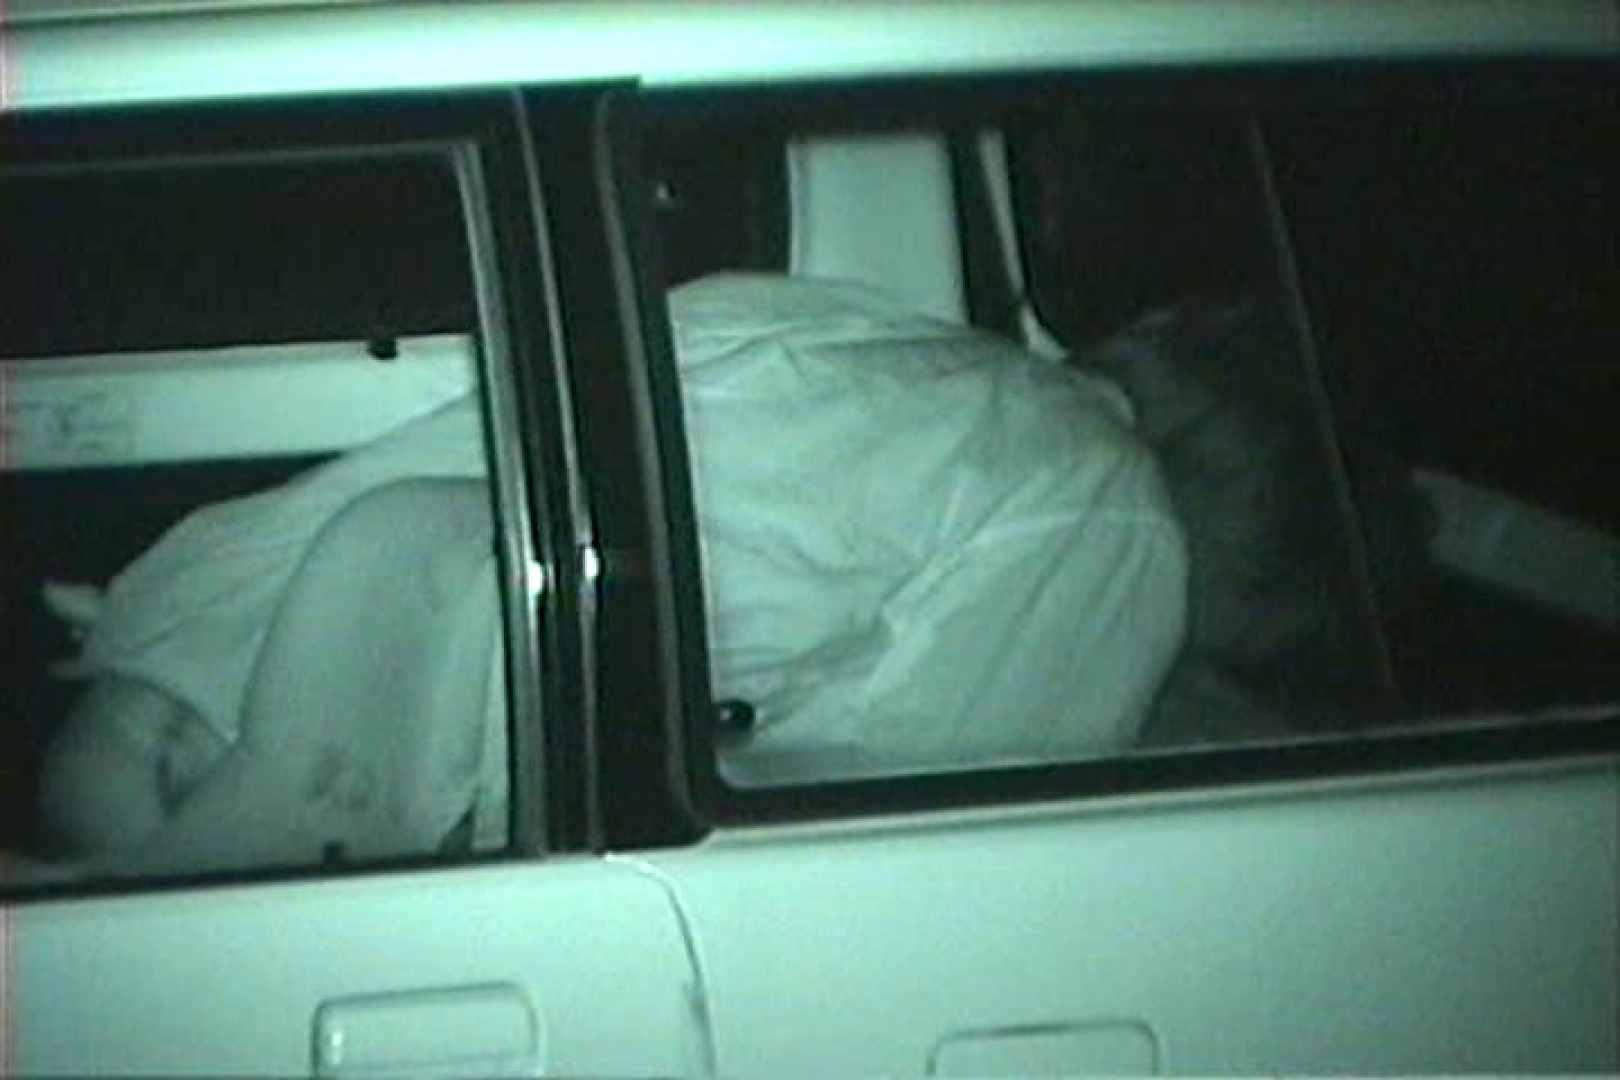 車の中はラブホテル 無修正版  Vol.27 カーセックス エロ画像 58画像 5